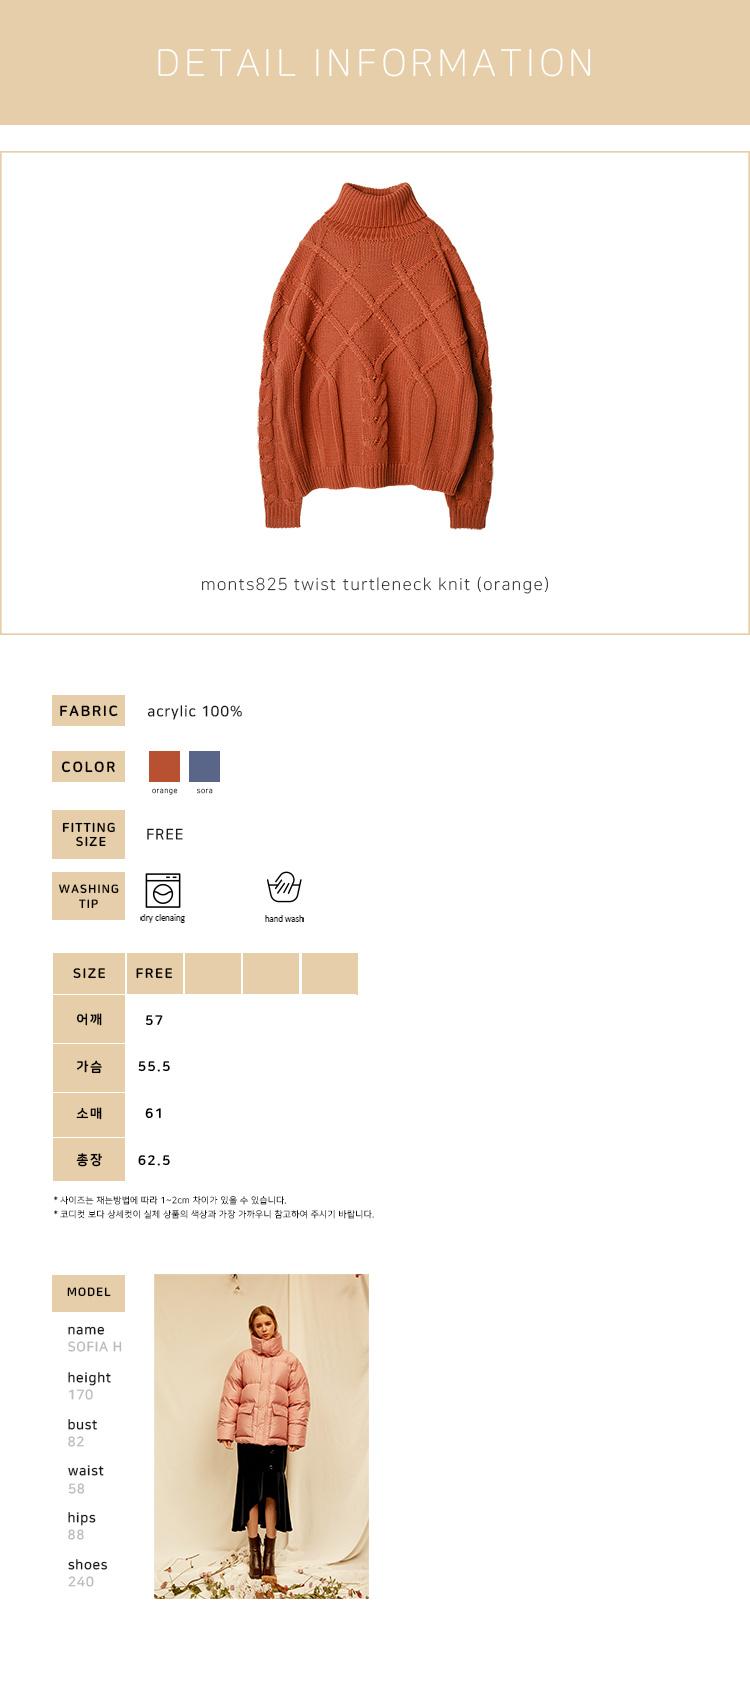 몬츠(MONTS) 825 twist turtleneck knit (orange)